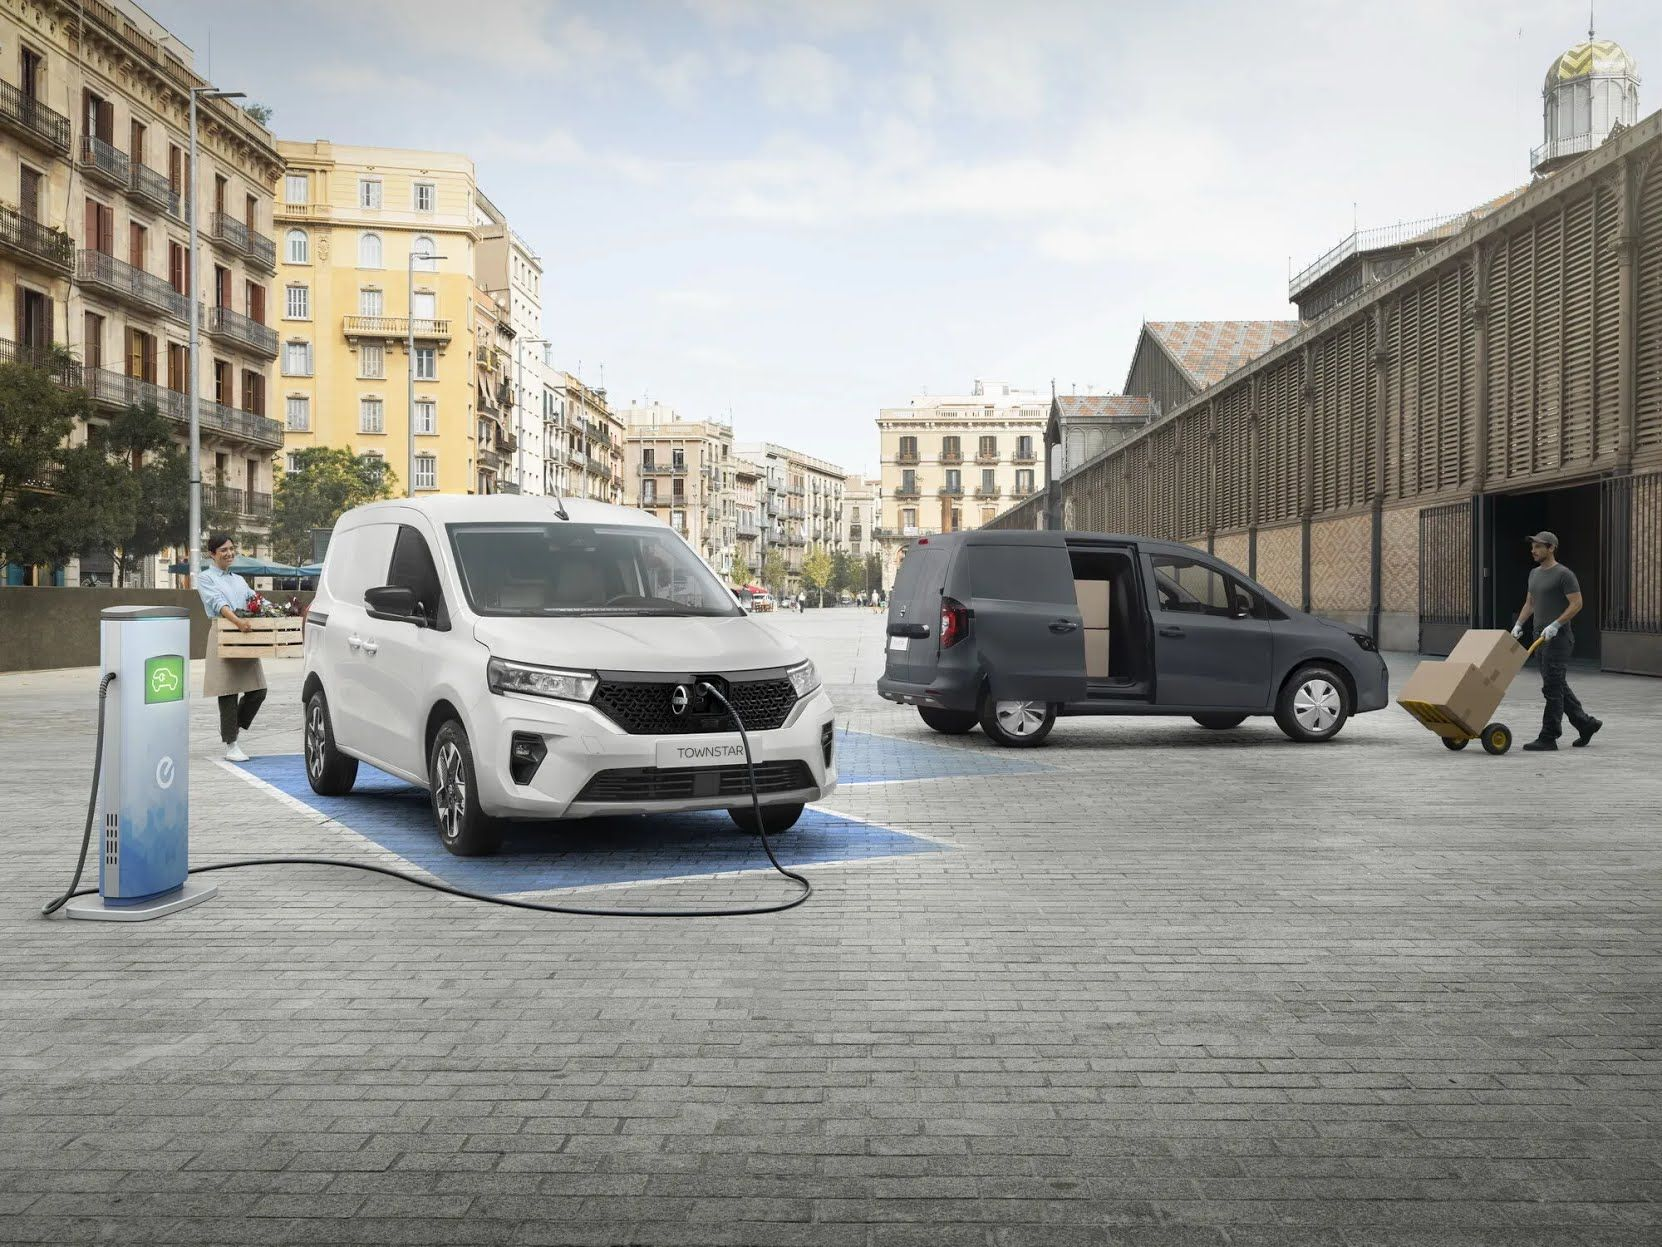 Nissan Townstar первым среди моделей семейства получит полностью электрическую версию